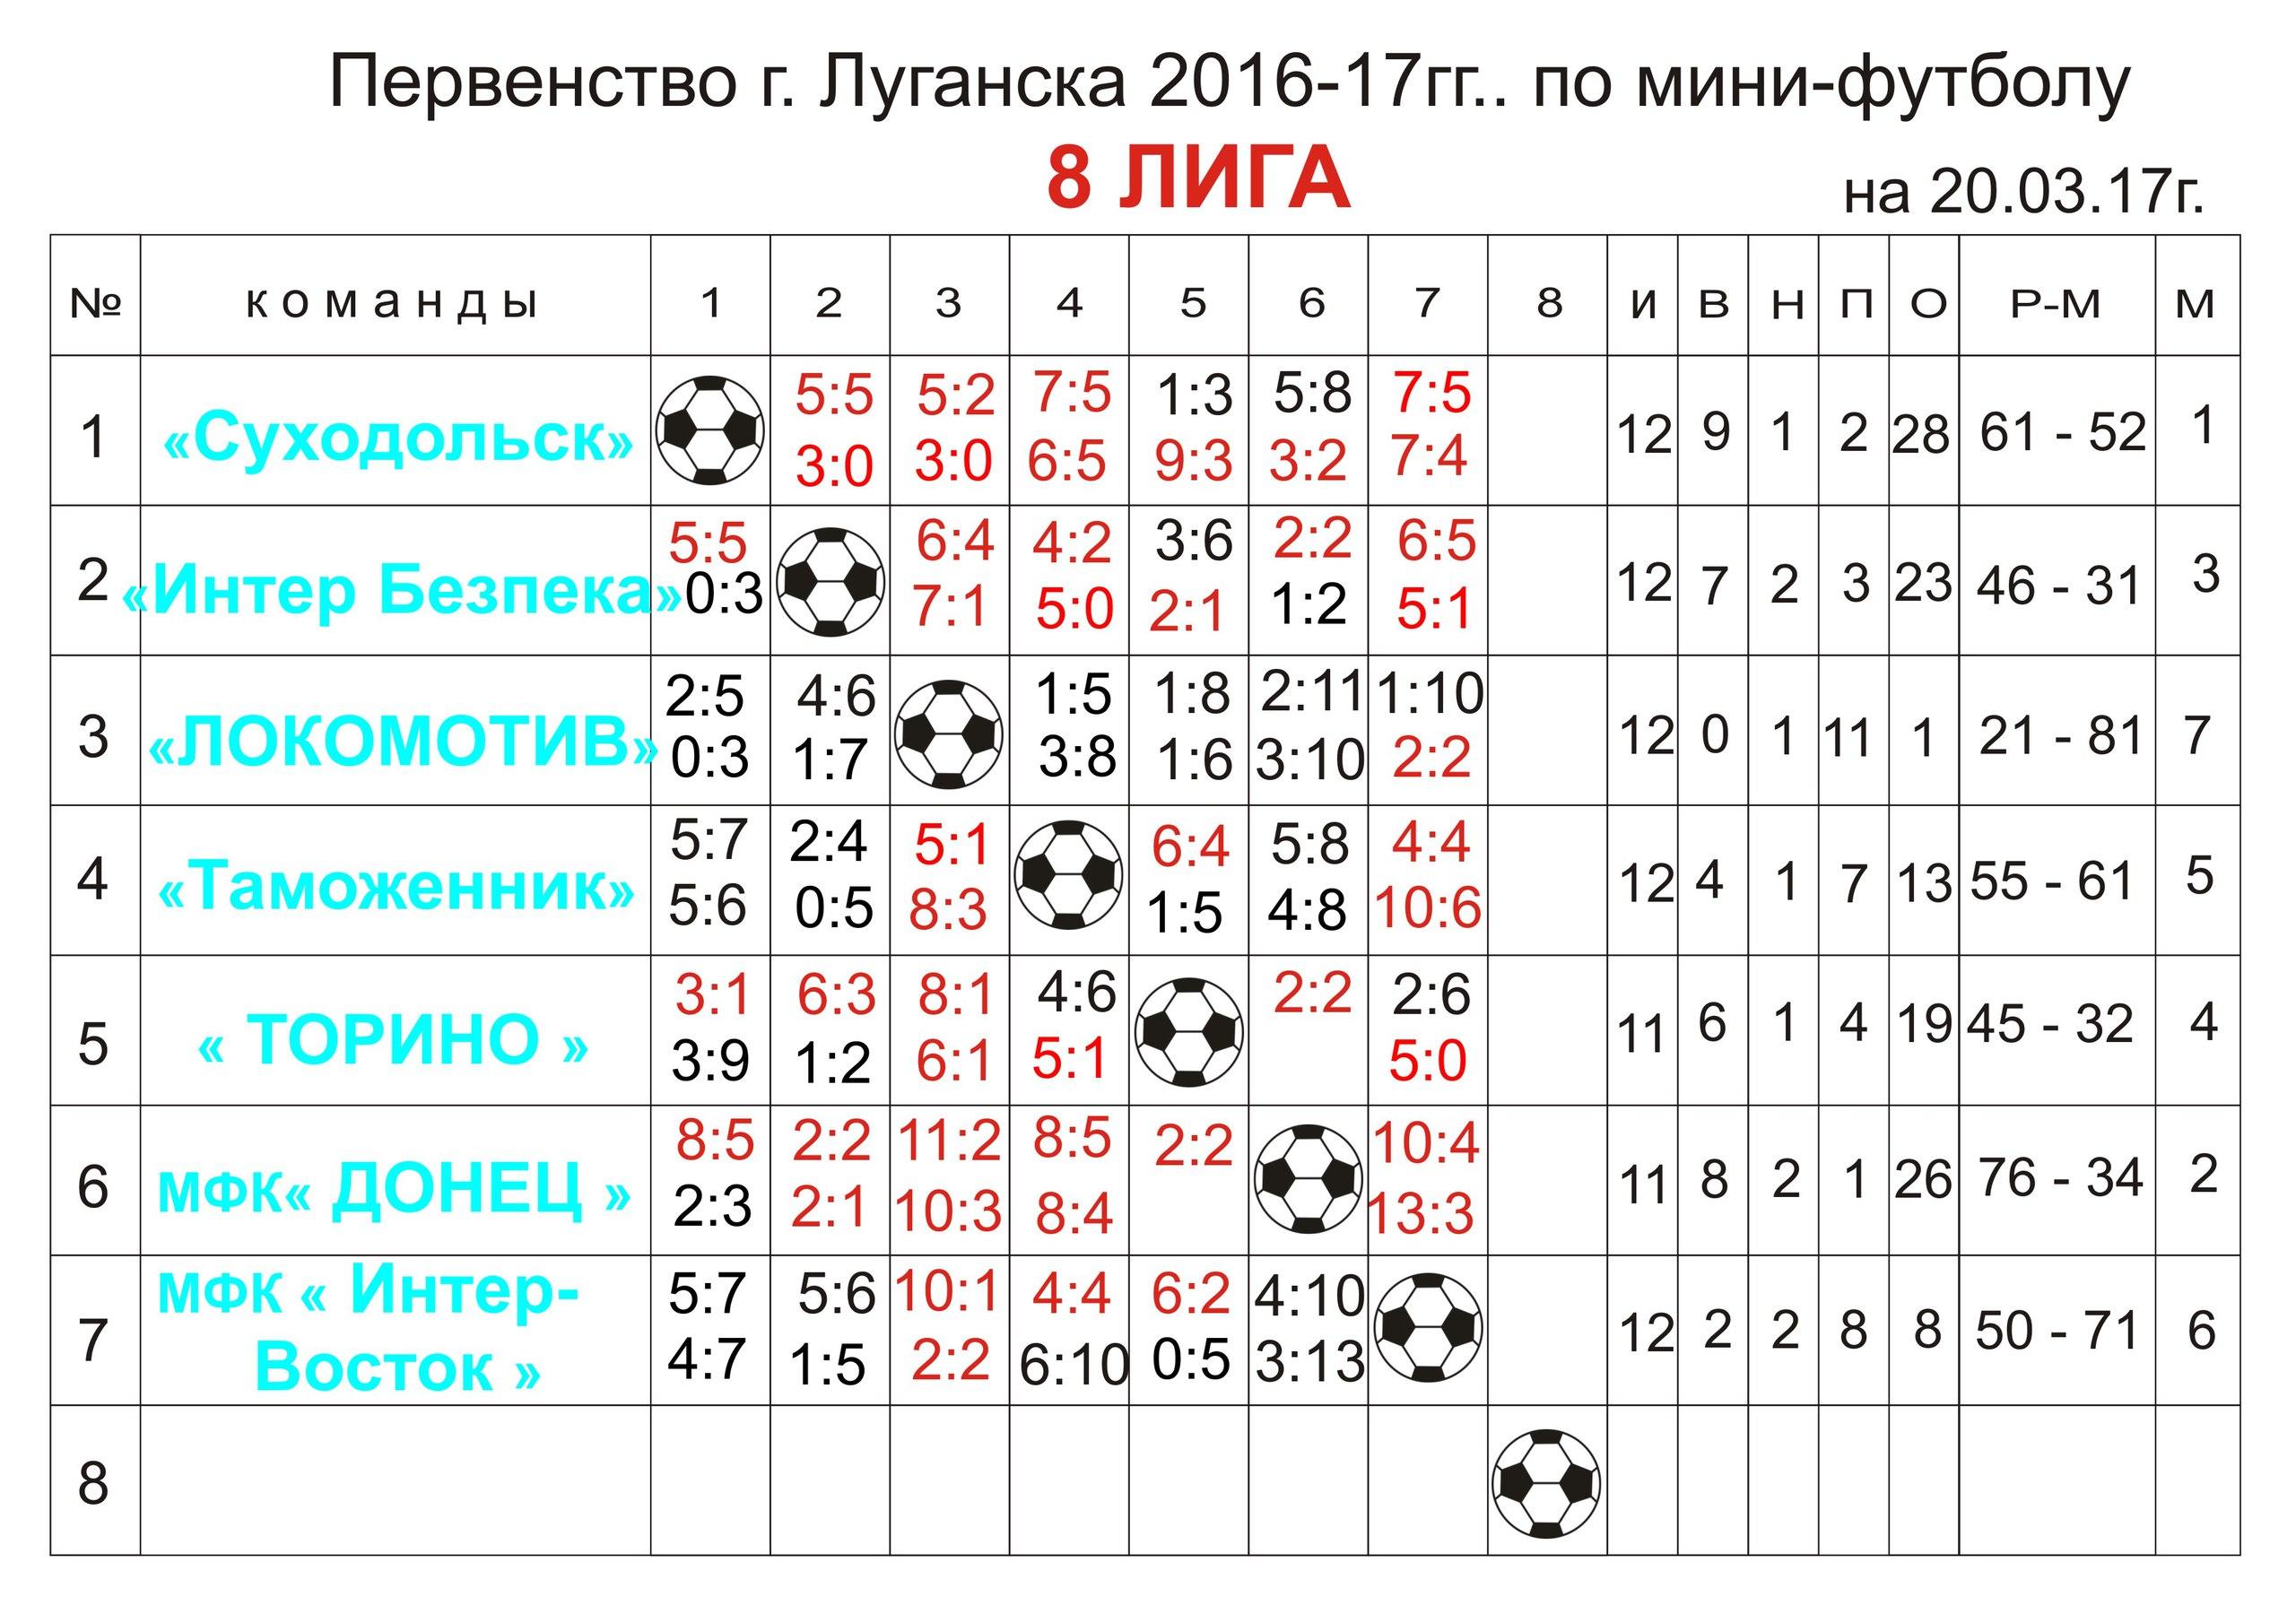 Первенство г.Луганска Восьмая лига